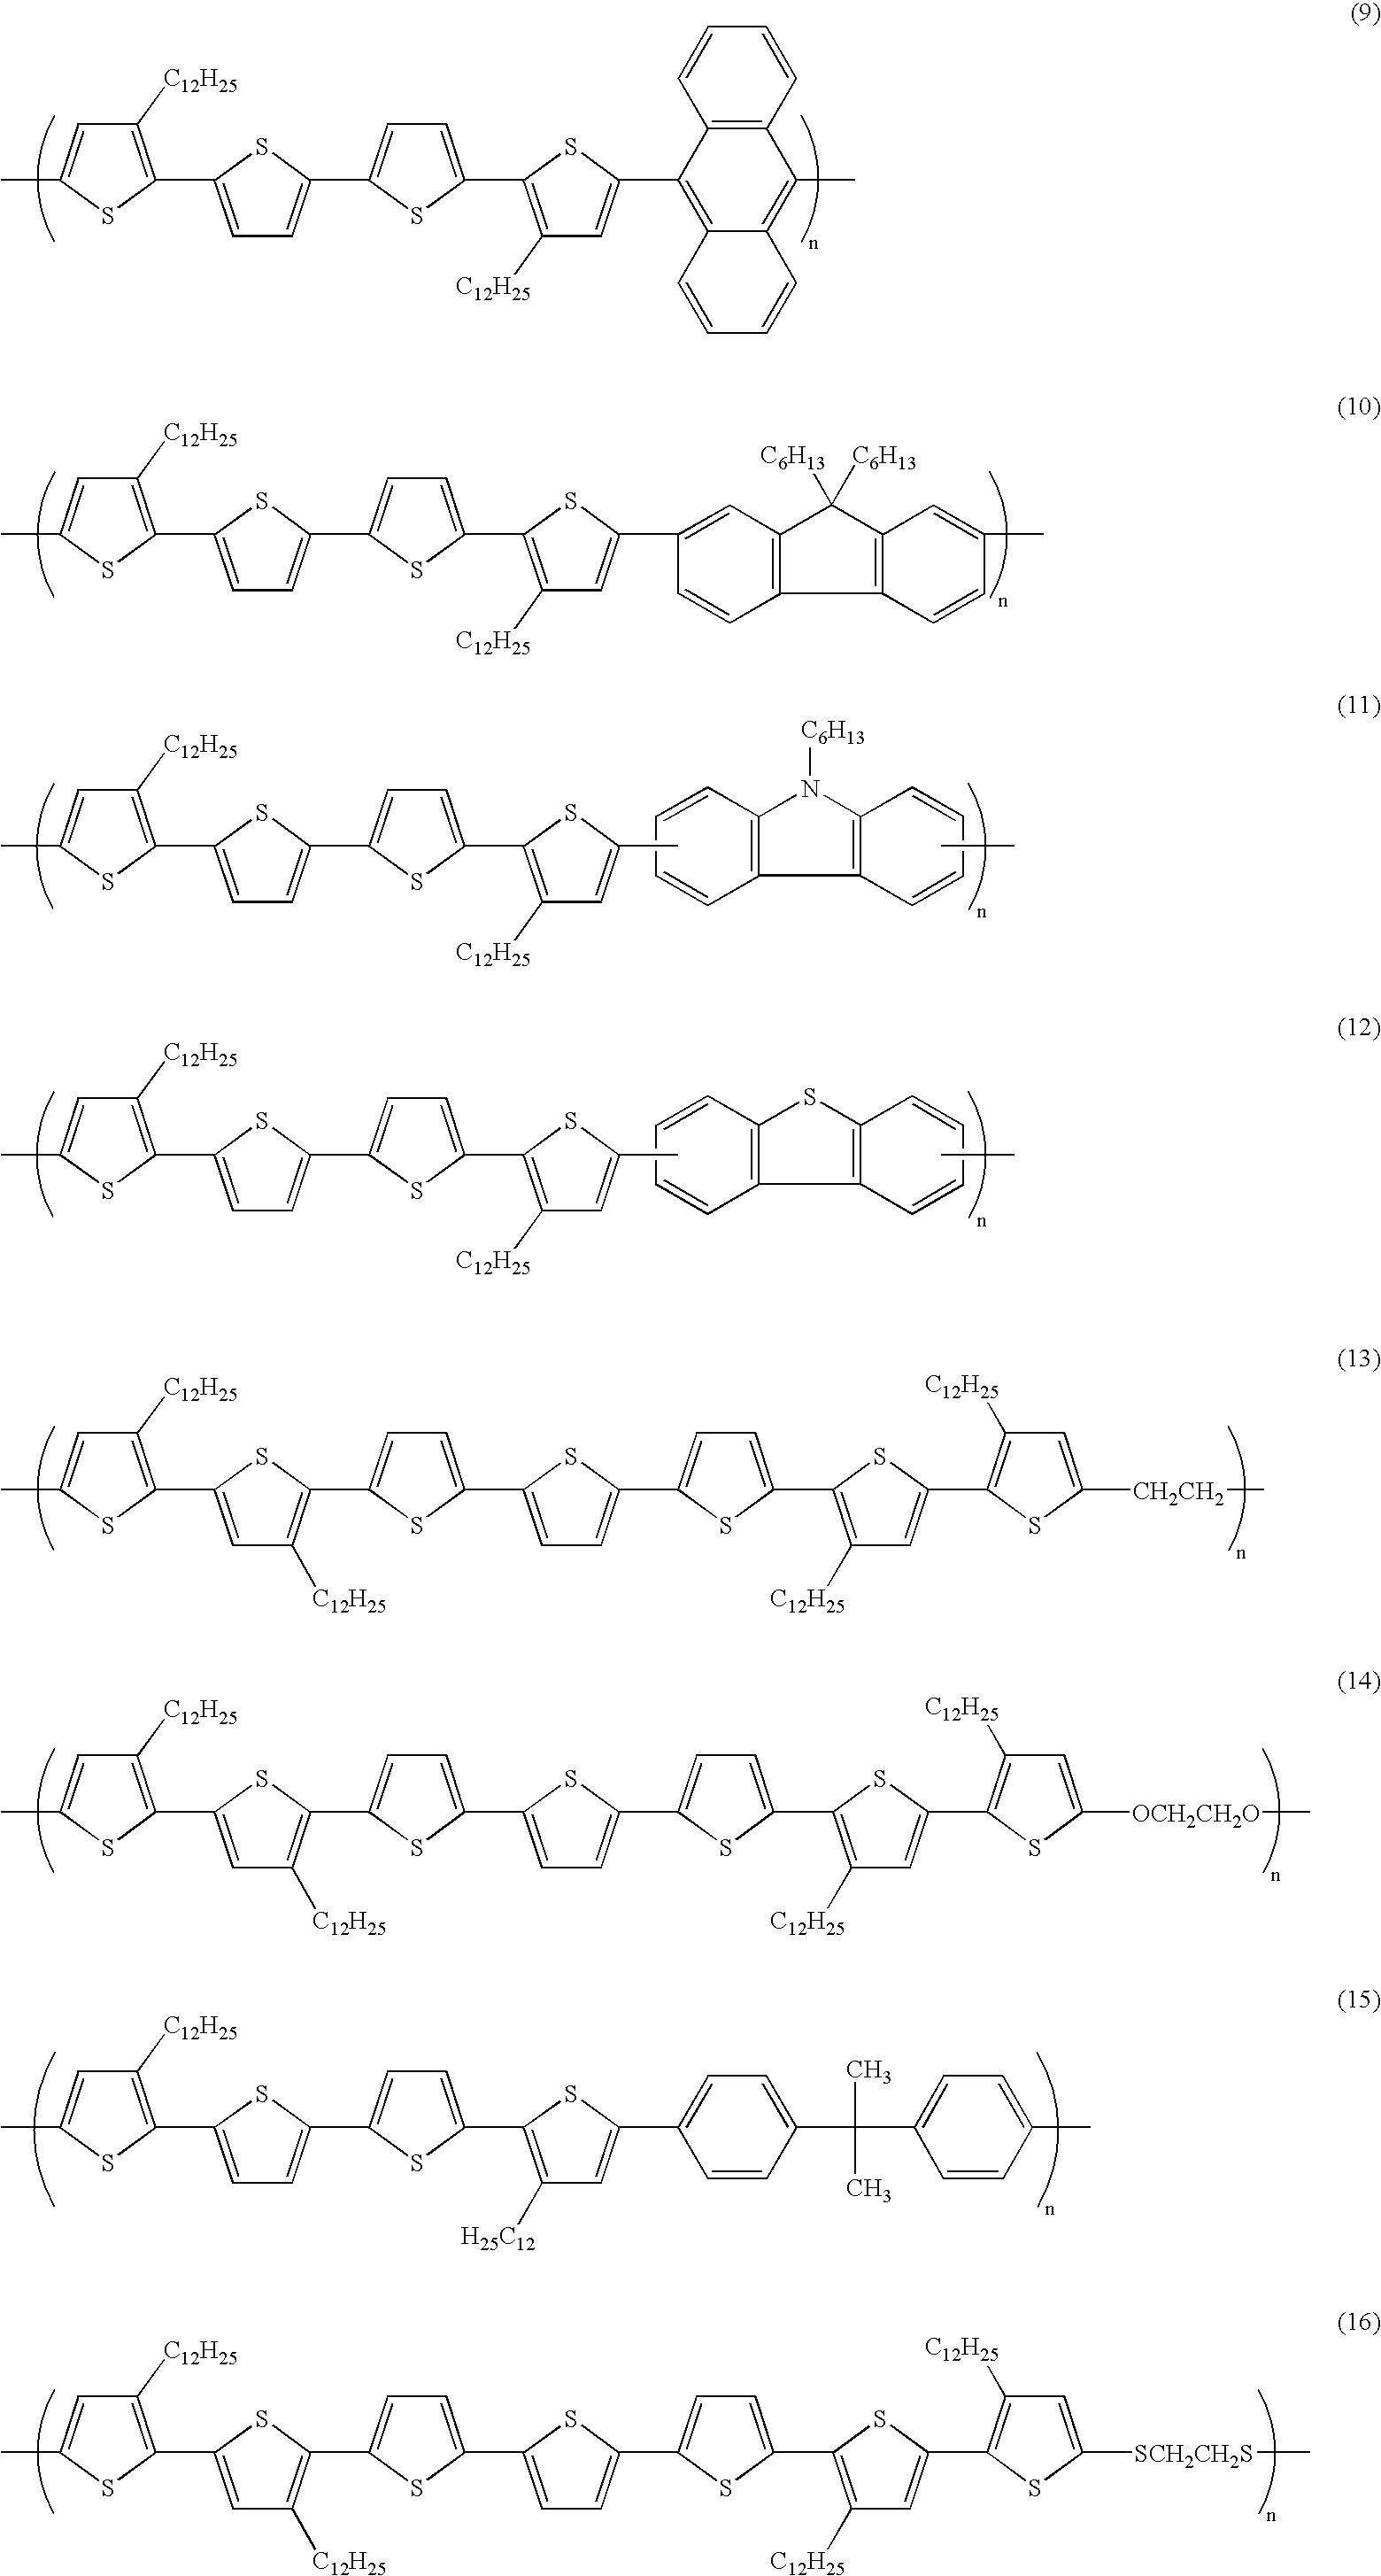 Figure US20030164495A1-20030904-C00005